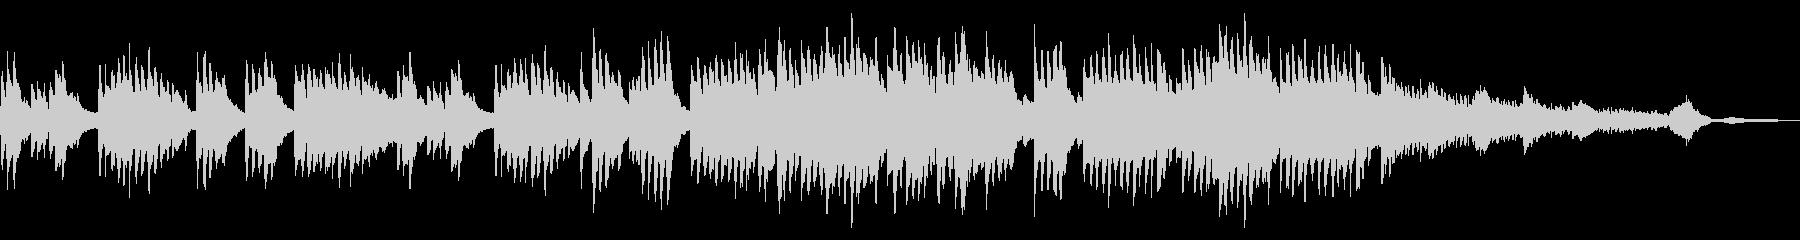 美しいピアノの旋律の未再生の波形